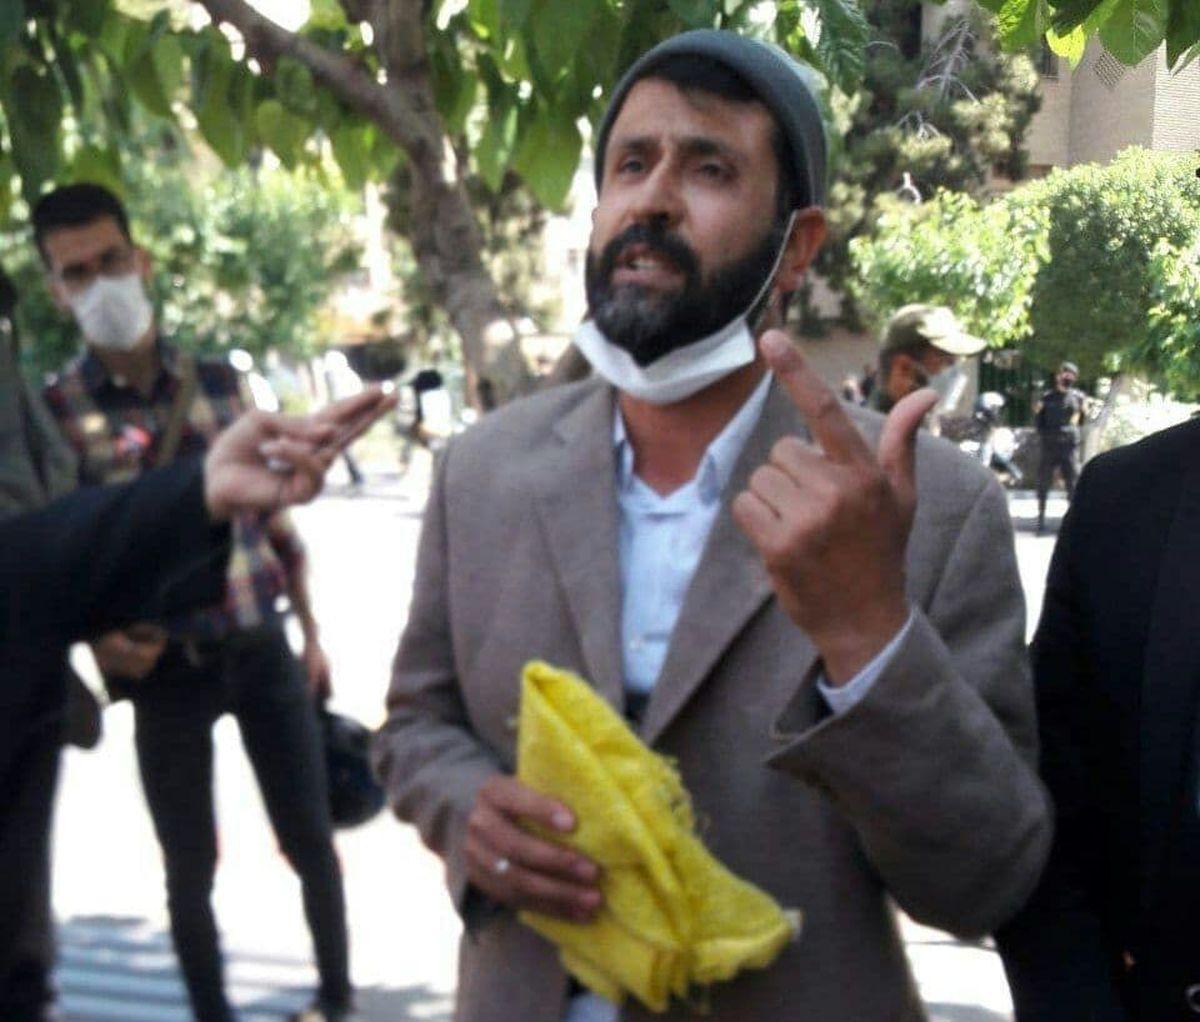 ثبت نام بازیگر سریال دادستان دهنمکی با ظاهر متفاوت برای ریاست جمهوری +عکس